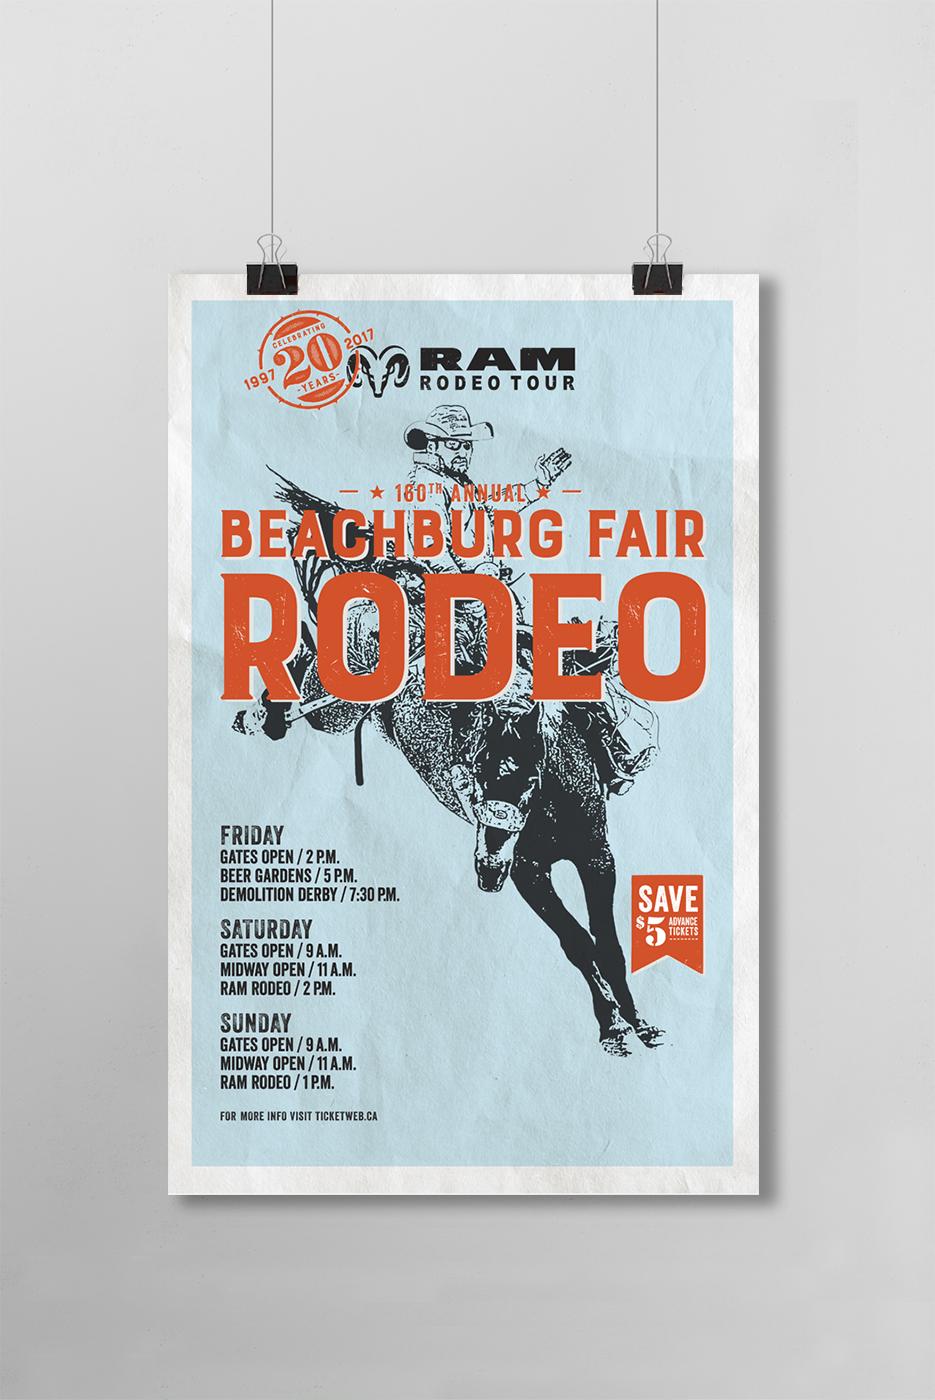 Beachburg Fair 160th Annual rodeo poster design featuring a man riding a bucking bronco.